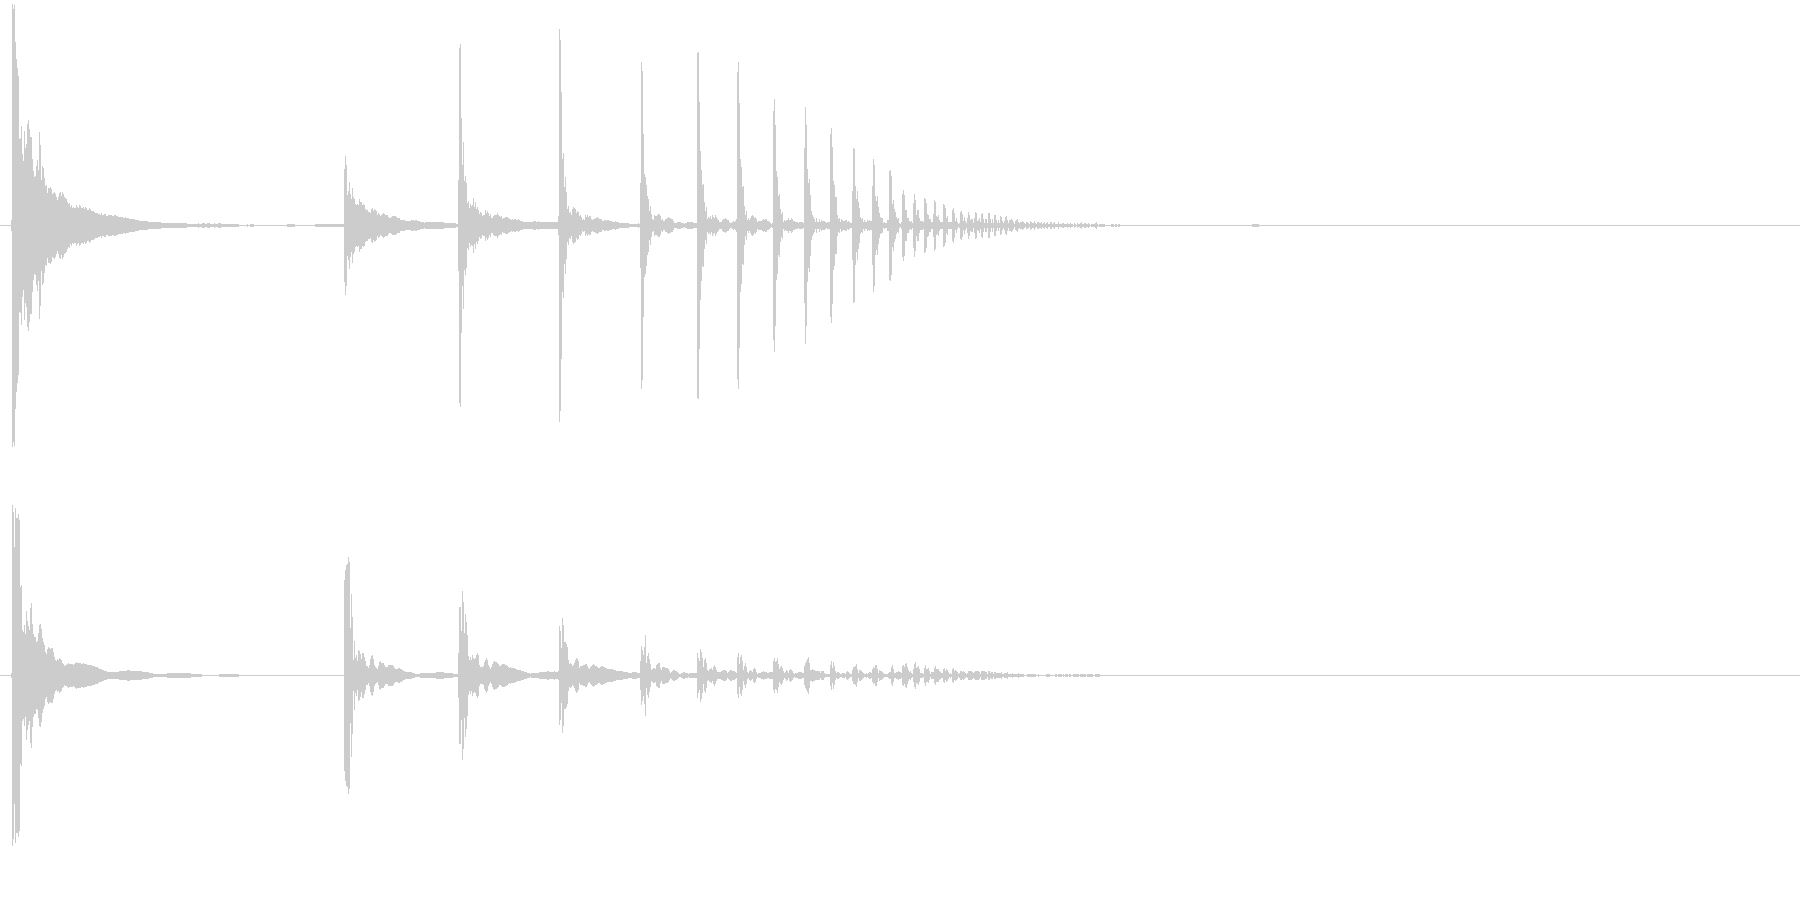 小物体の落下音の未再生の波形